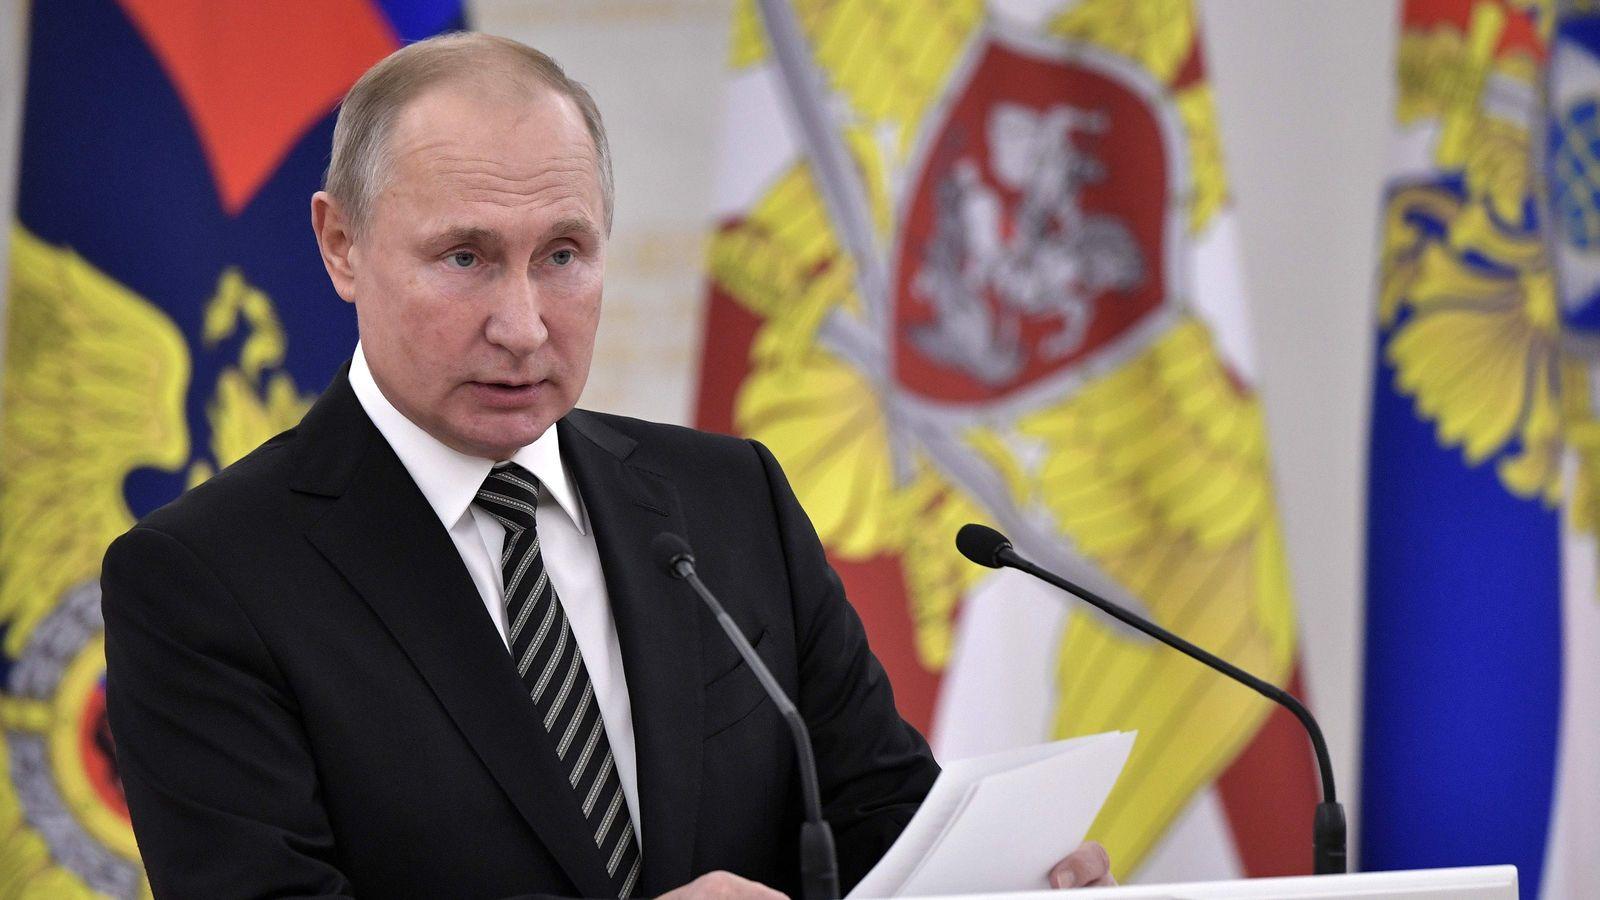 ロシア人が「独裁者プーチン愛」にひた走るワケ モスクワ訪問で分かった2つの評価